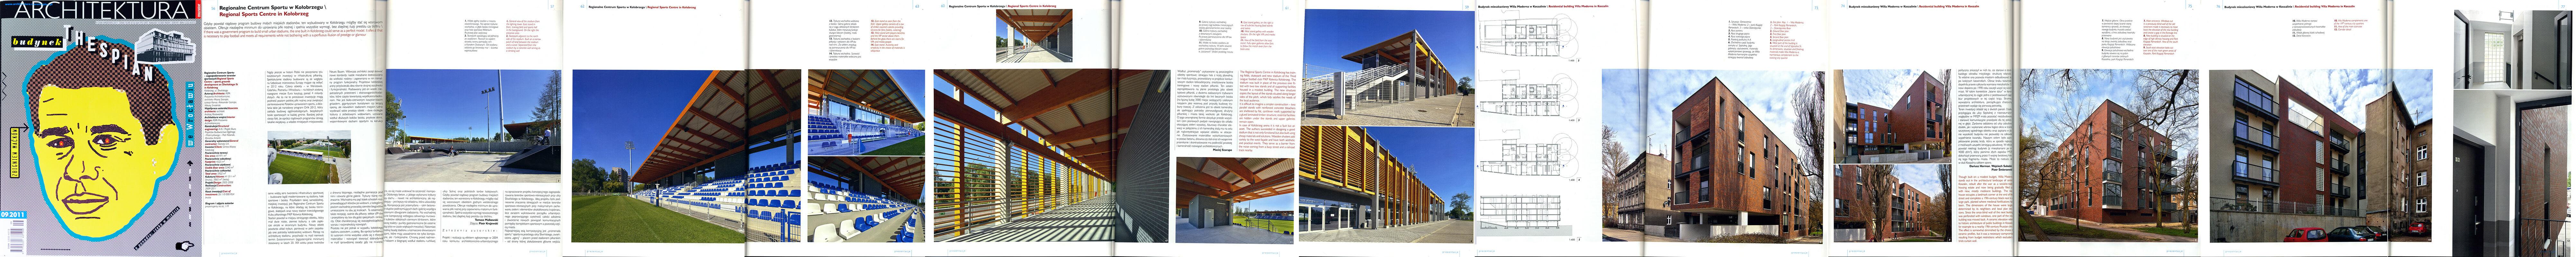 Architektura Murator 9/2011